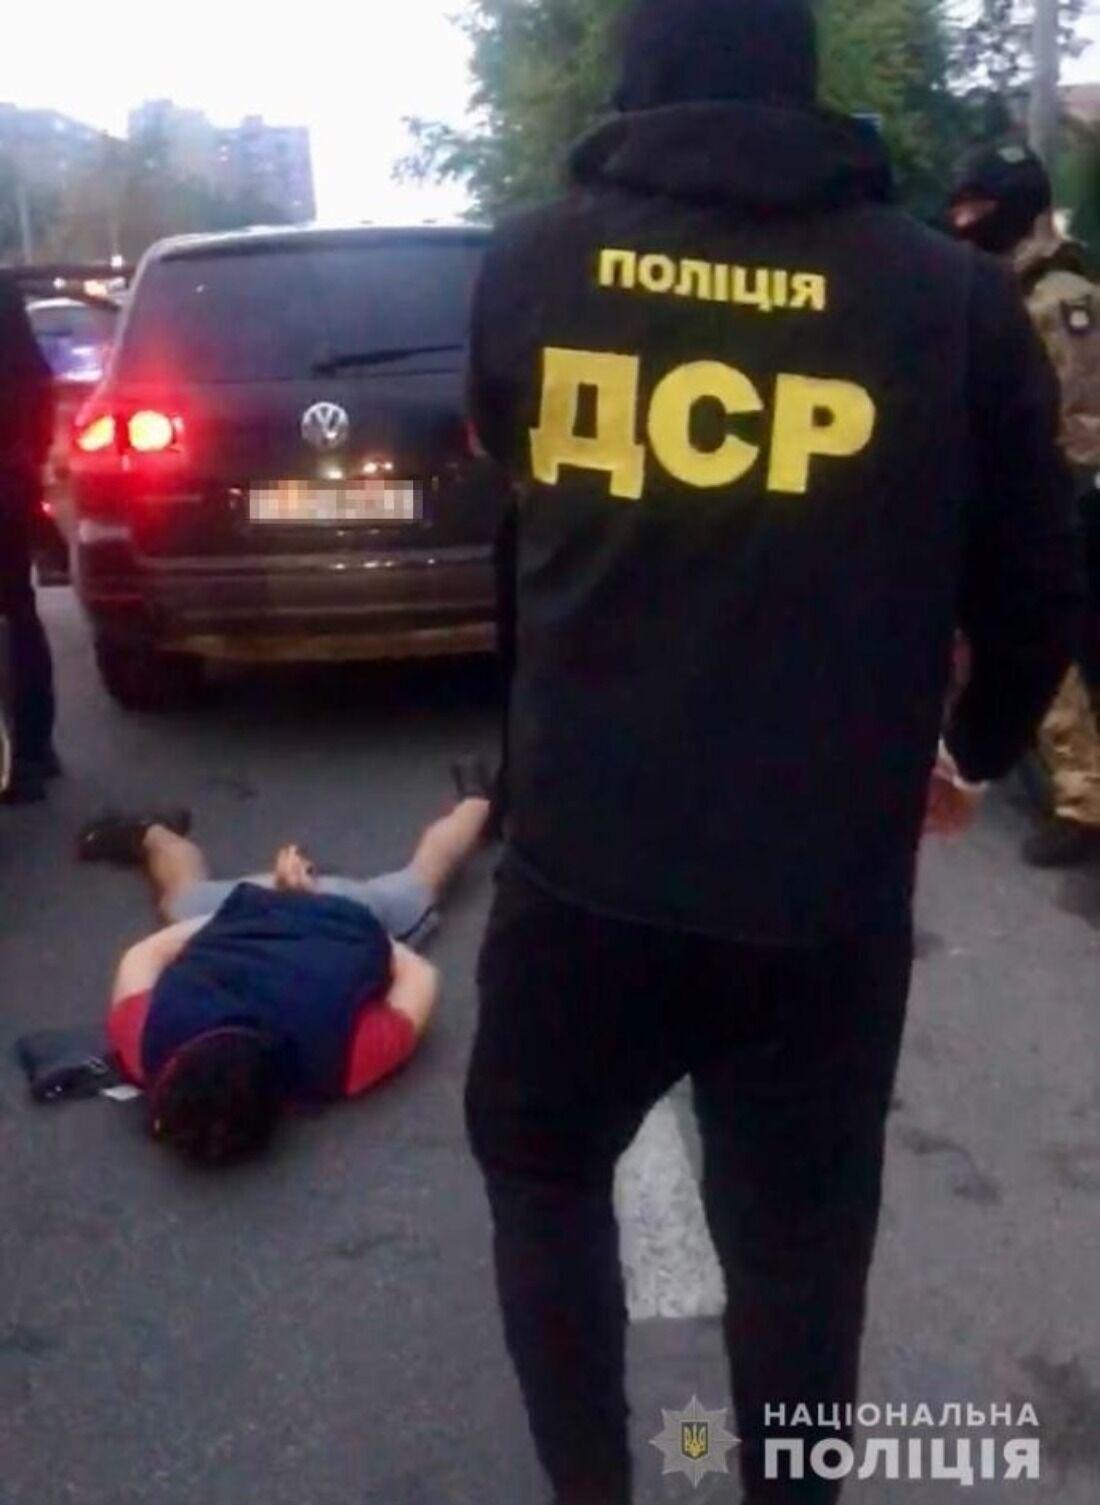 При задержании подозреваемые оказывали сопротивление.